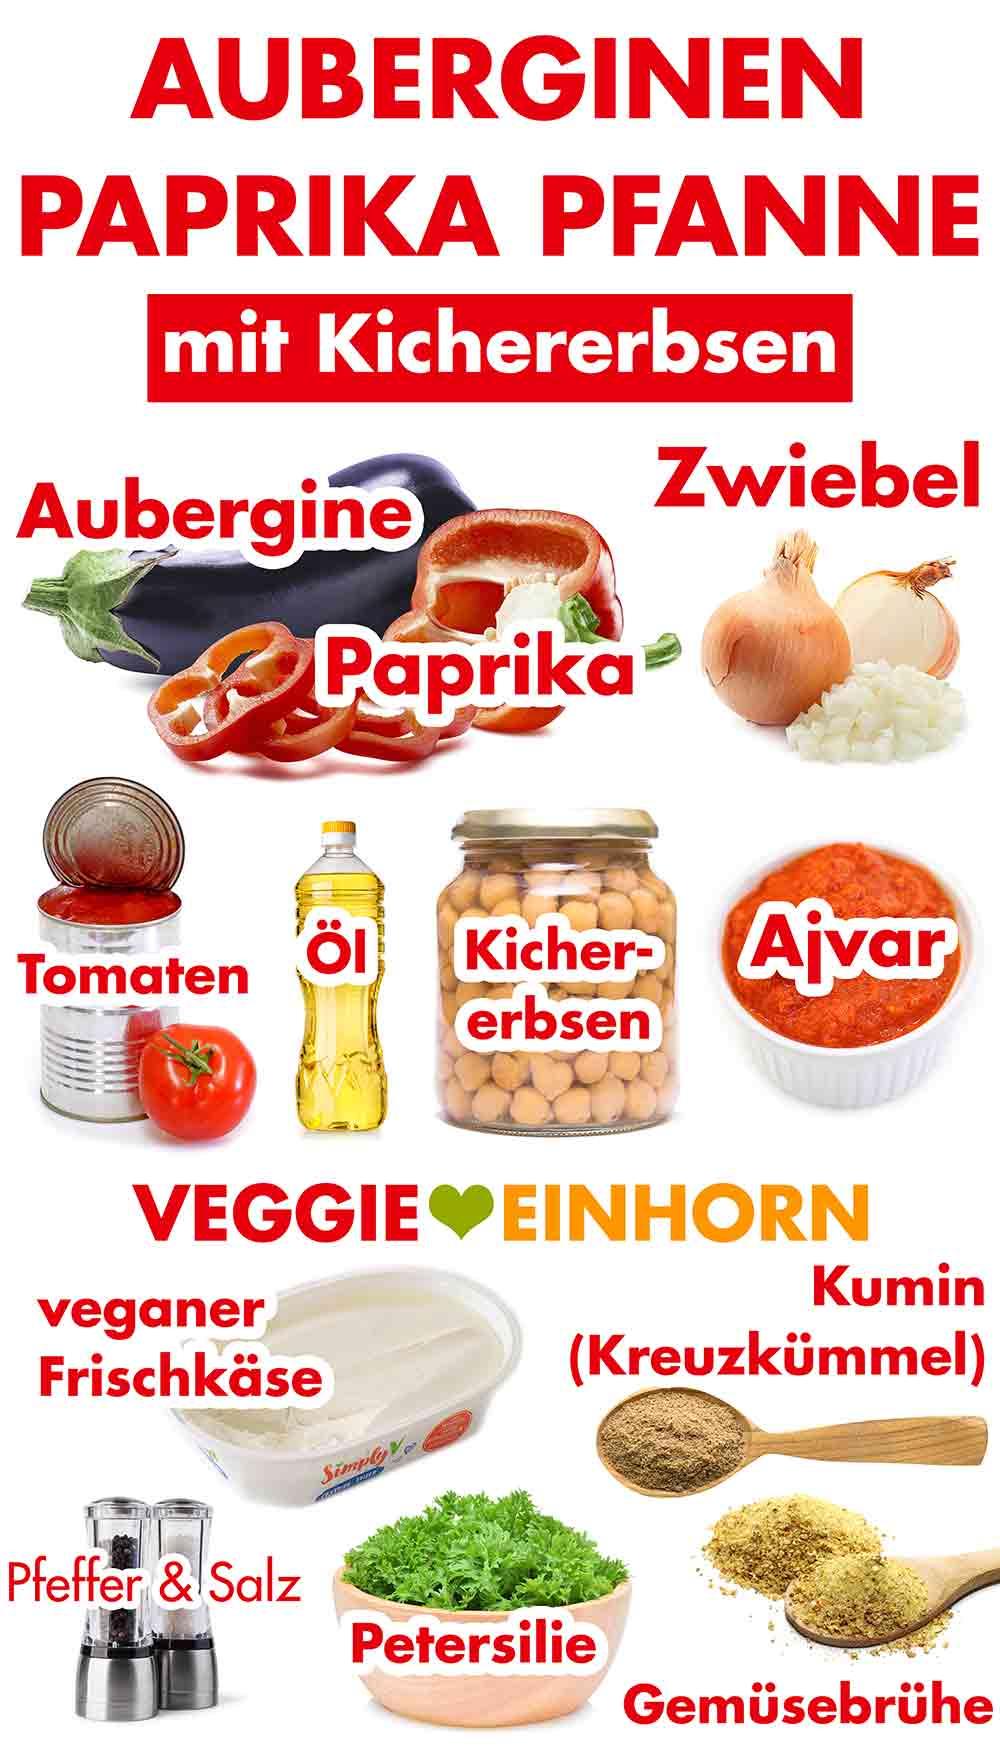 Zutaten für die Auberginen Paprika Pfanne mit Kichererbsen